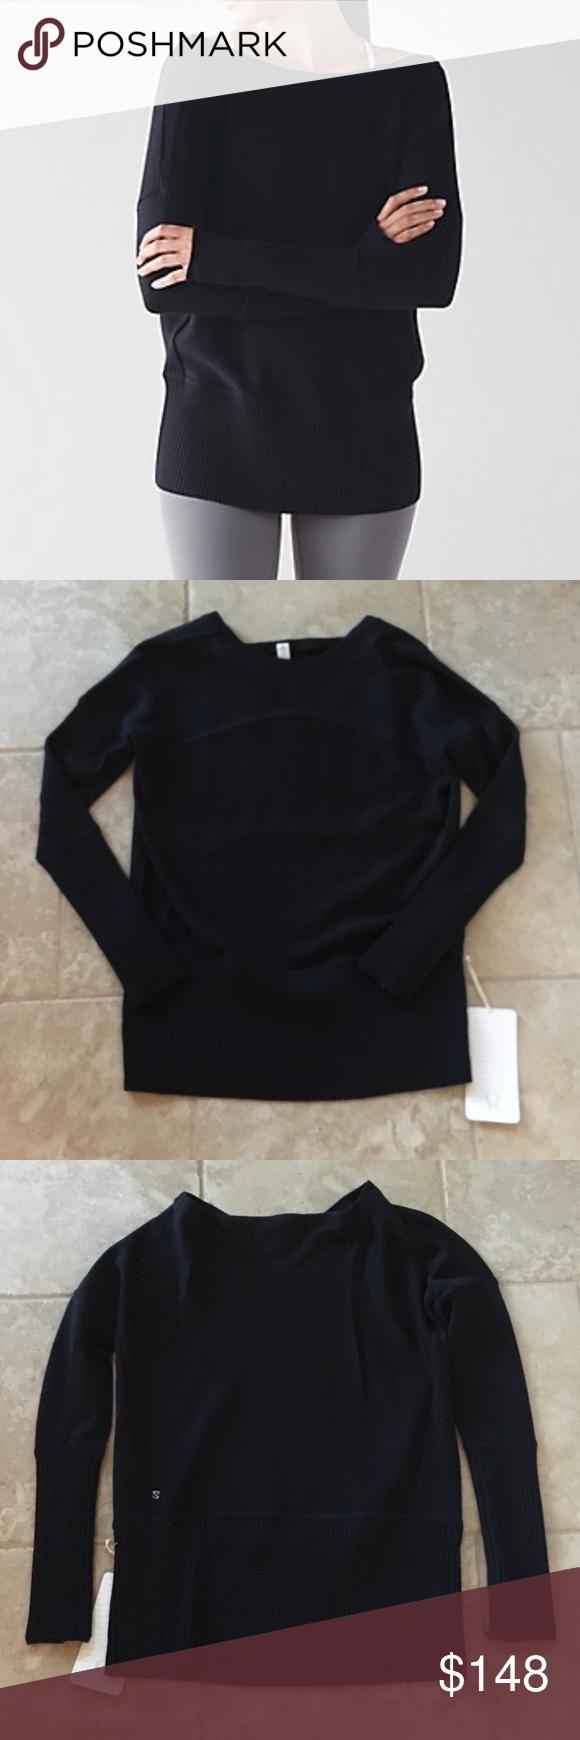 Lululemon Sattva Sweater NWT | Lululemon, Lululemon athletica and ...